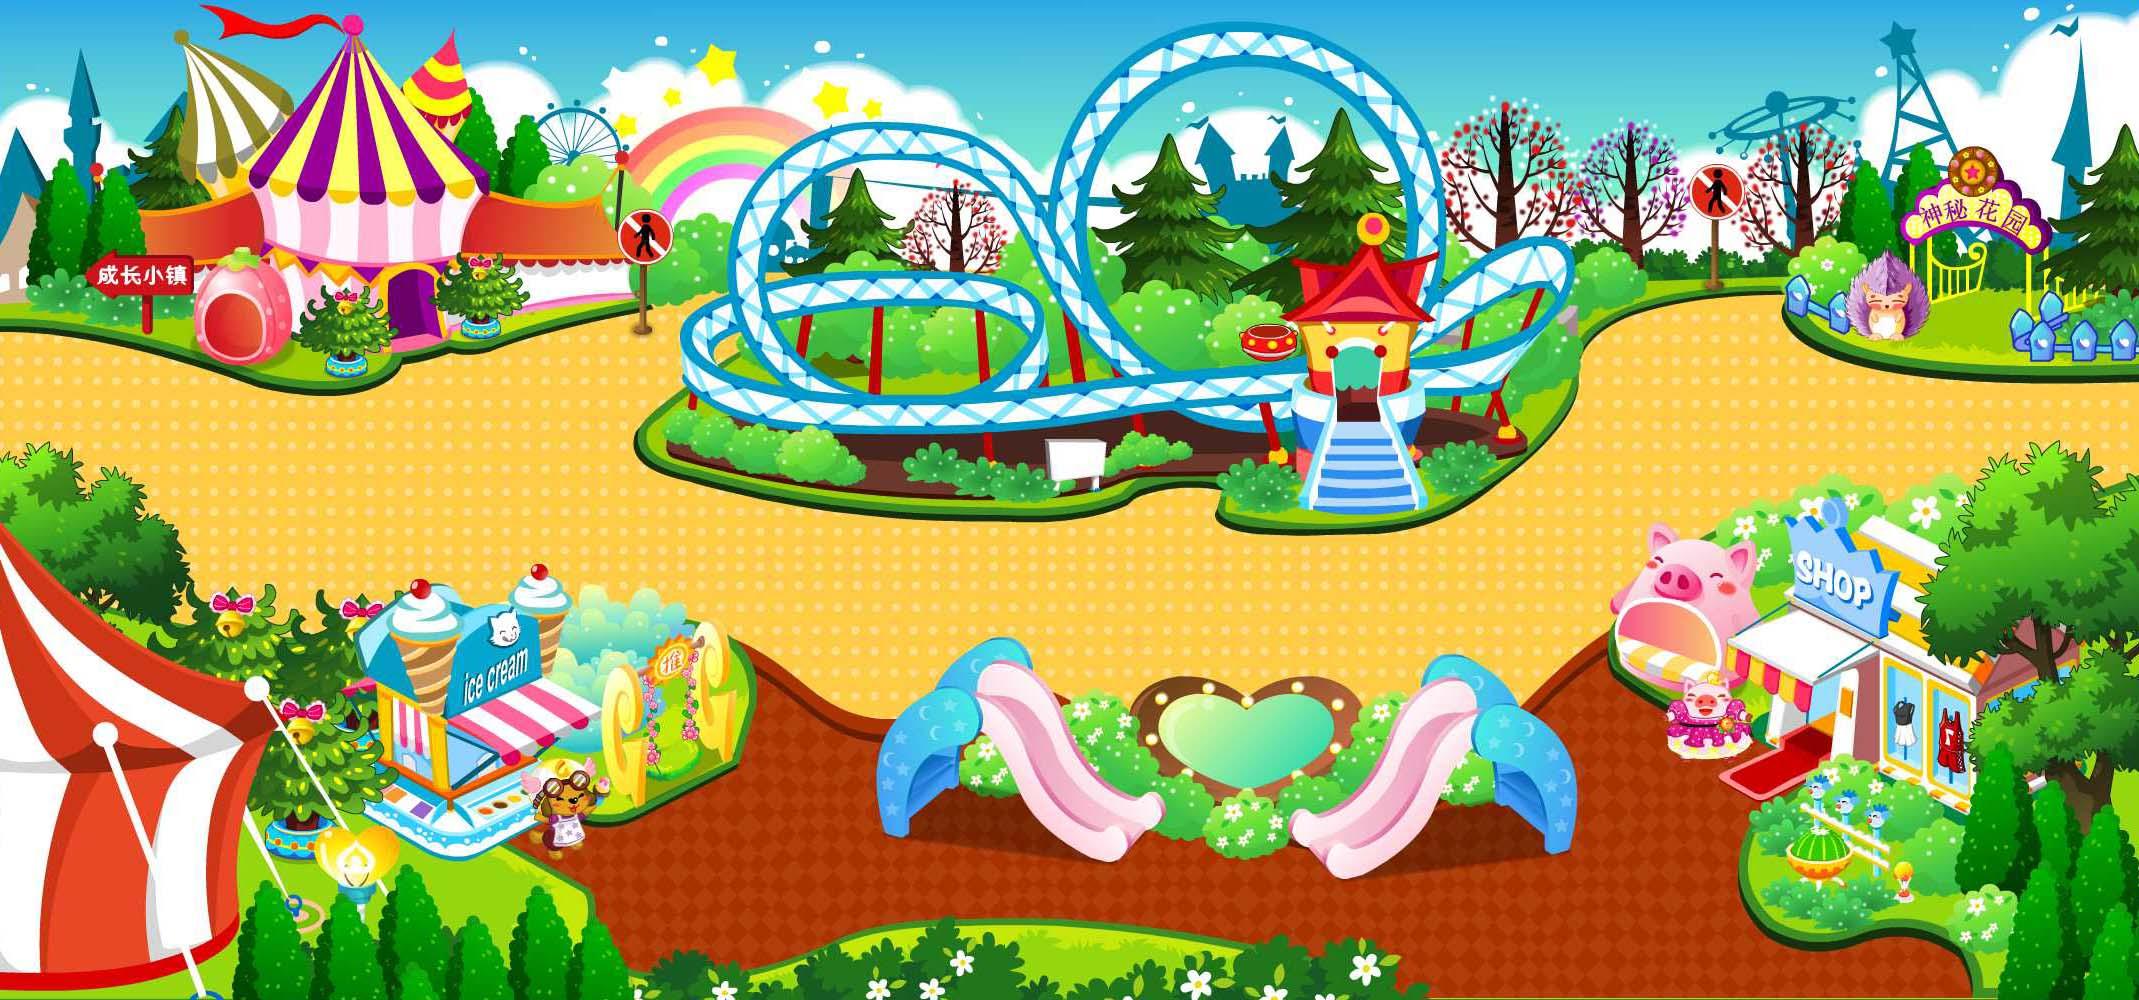 简单的游乐园地图